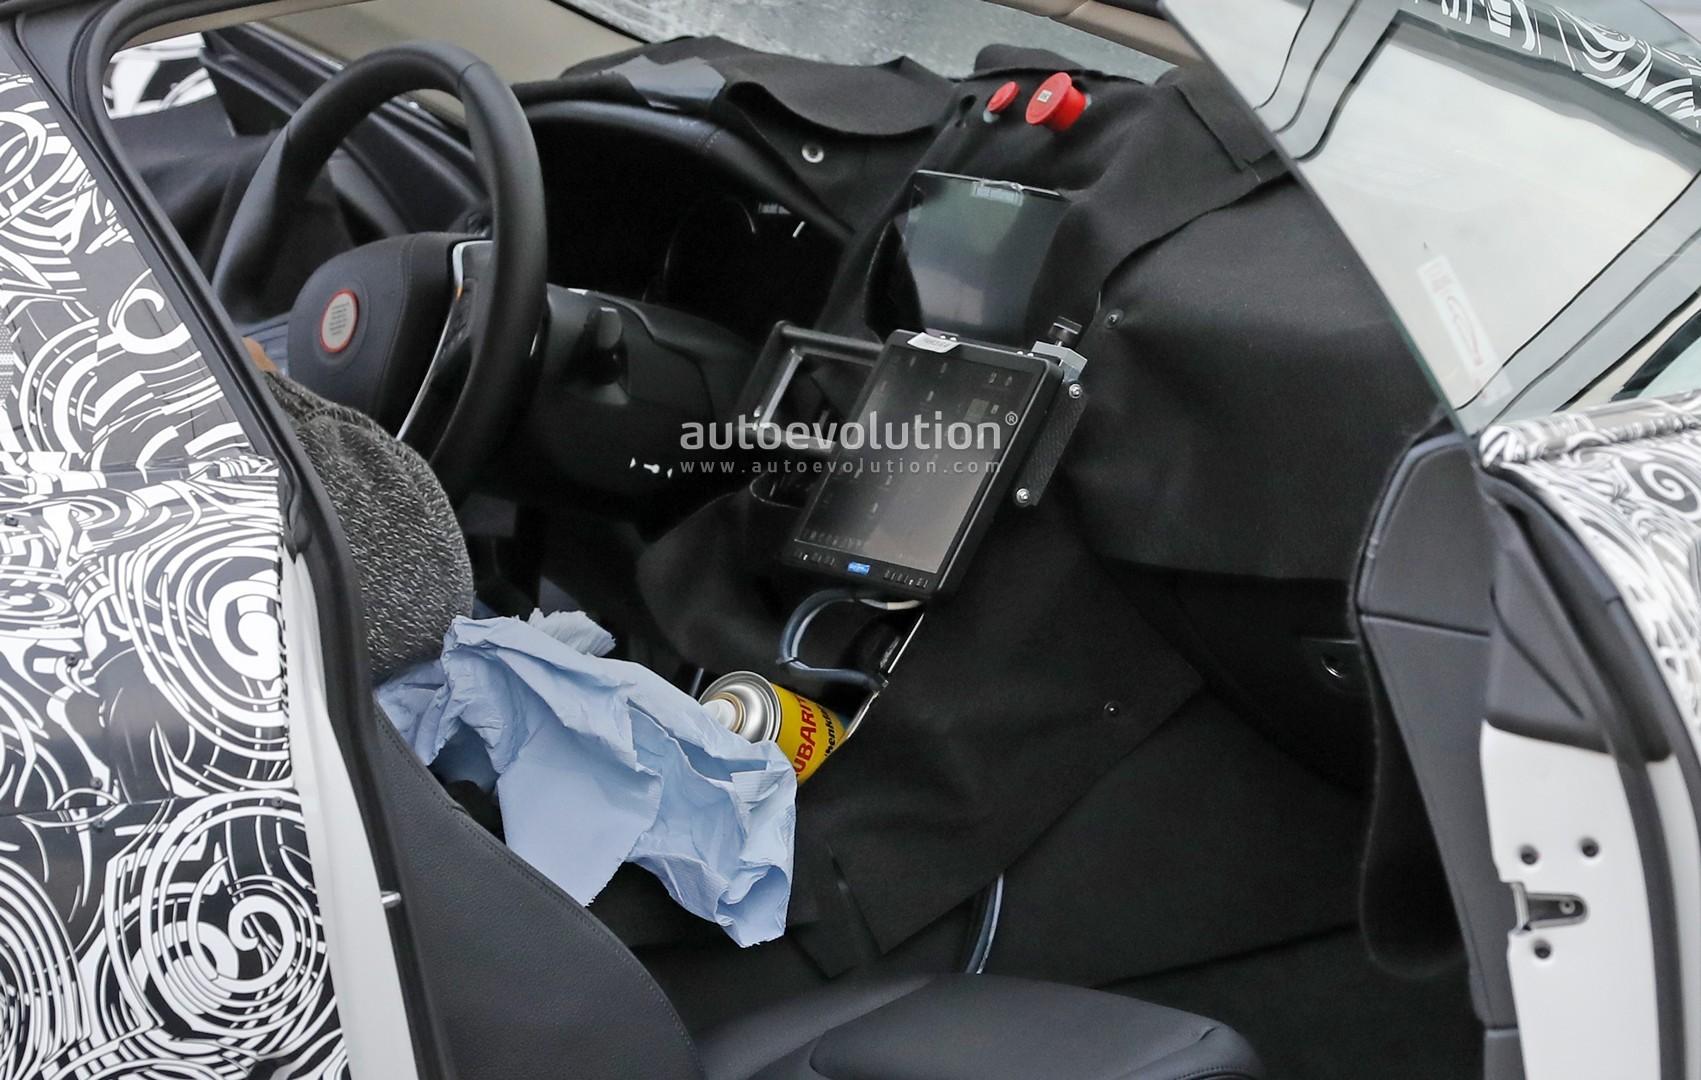 Premières photos de l'intérieur de la BMW M8